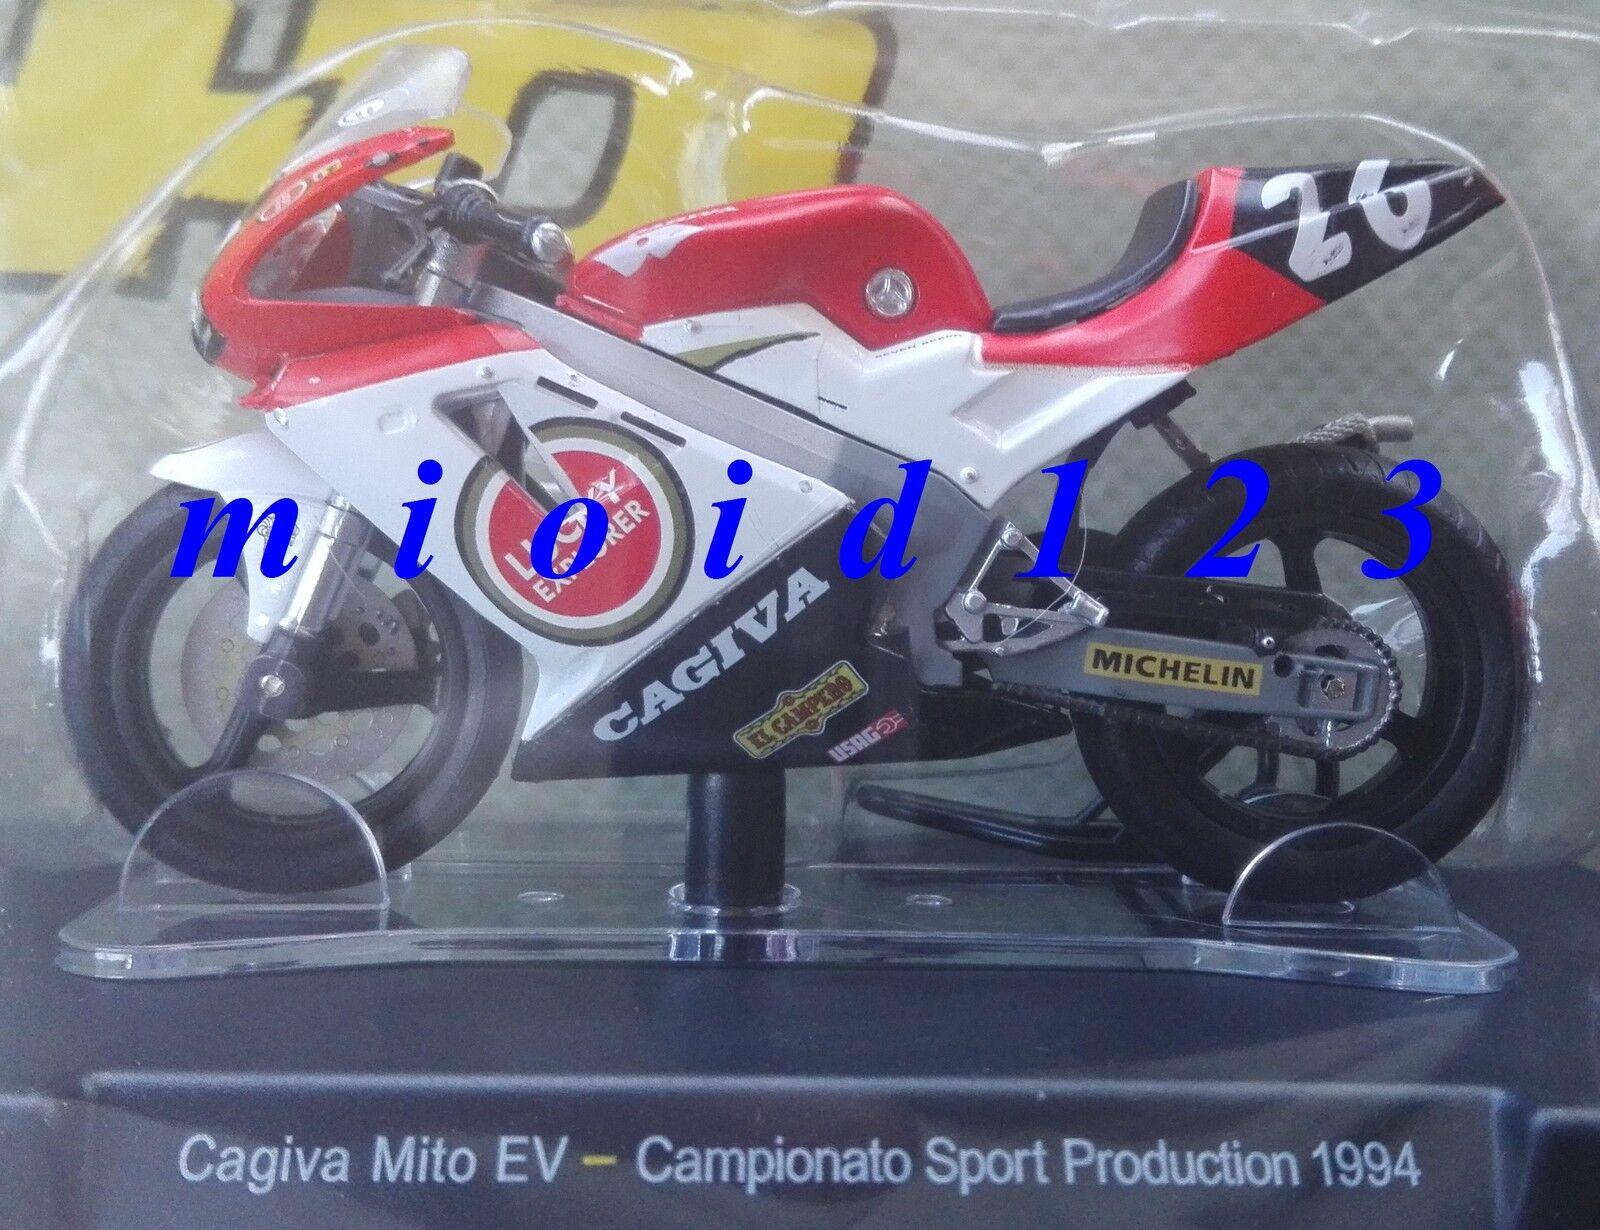 1 18 - ROSSI - CAGIVA MITO EV - Campionato Sport Production 1994